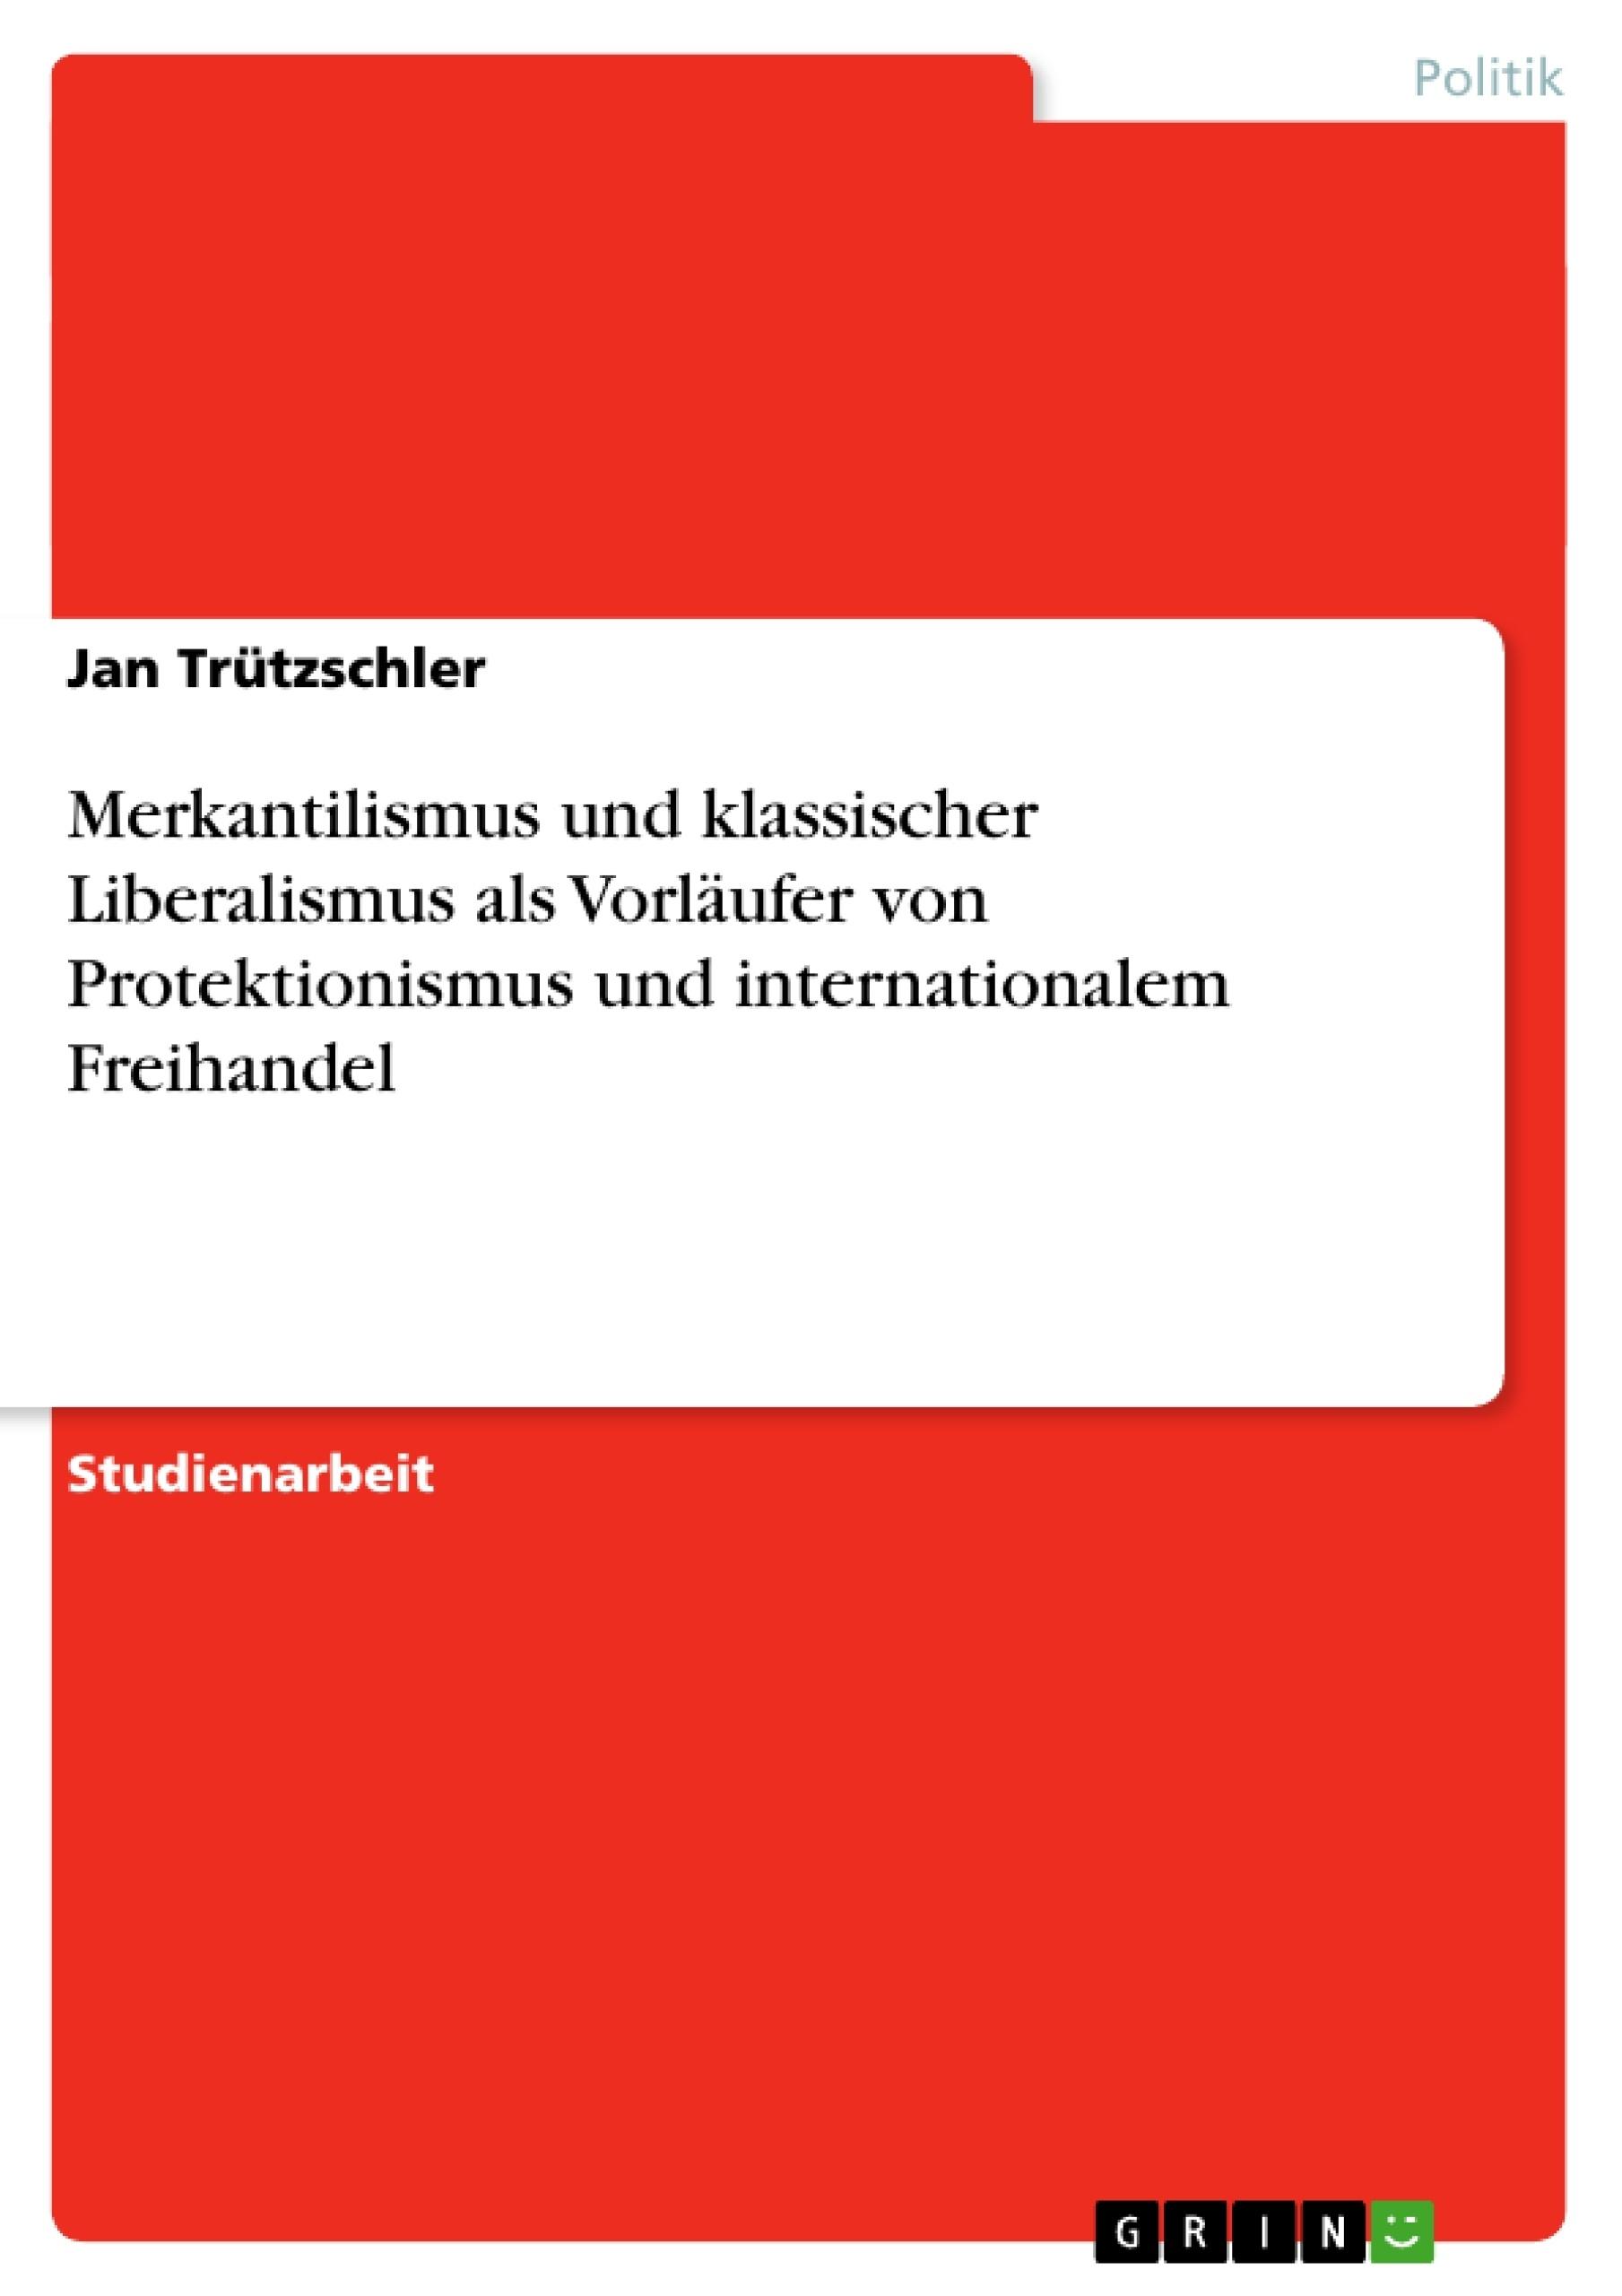 Titel: Merkantilismus und klassischer Liberalismus als Vorläufer von Protektionismus und internationalem Freihandel